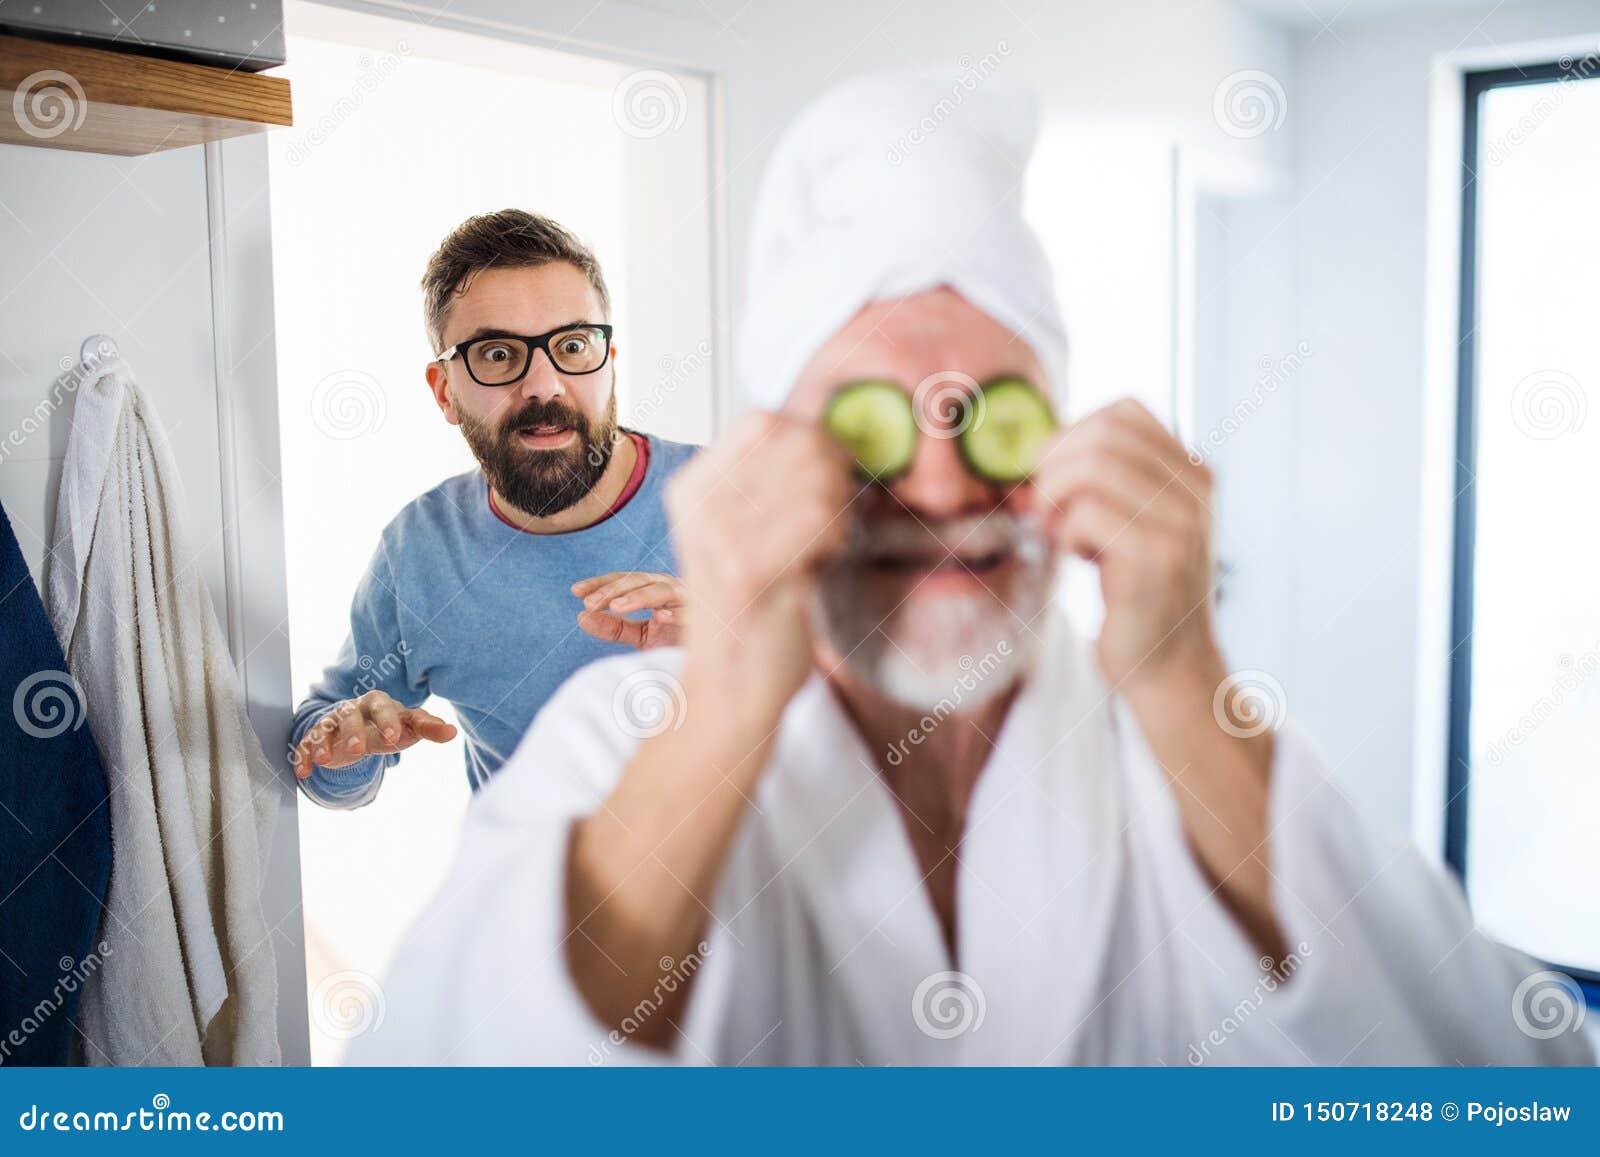 一个成人行家儿子和资深父亲在家户内卫生间里,获得乐趣